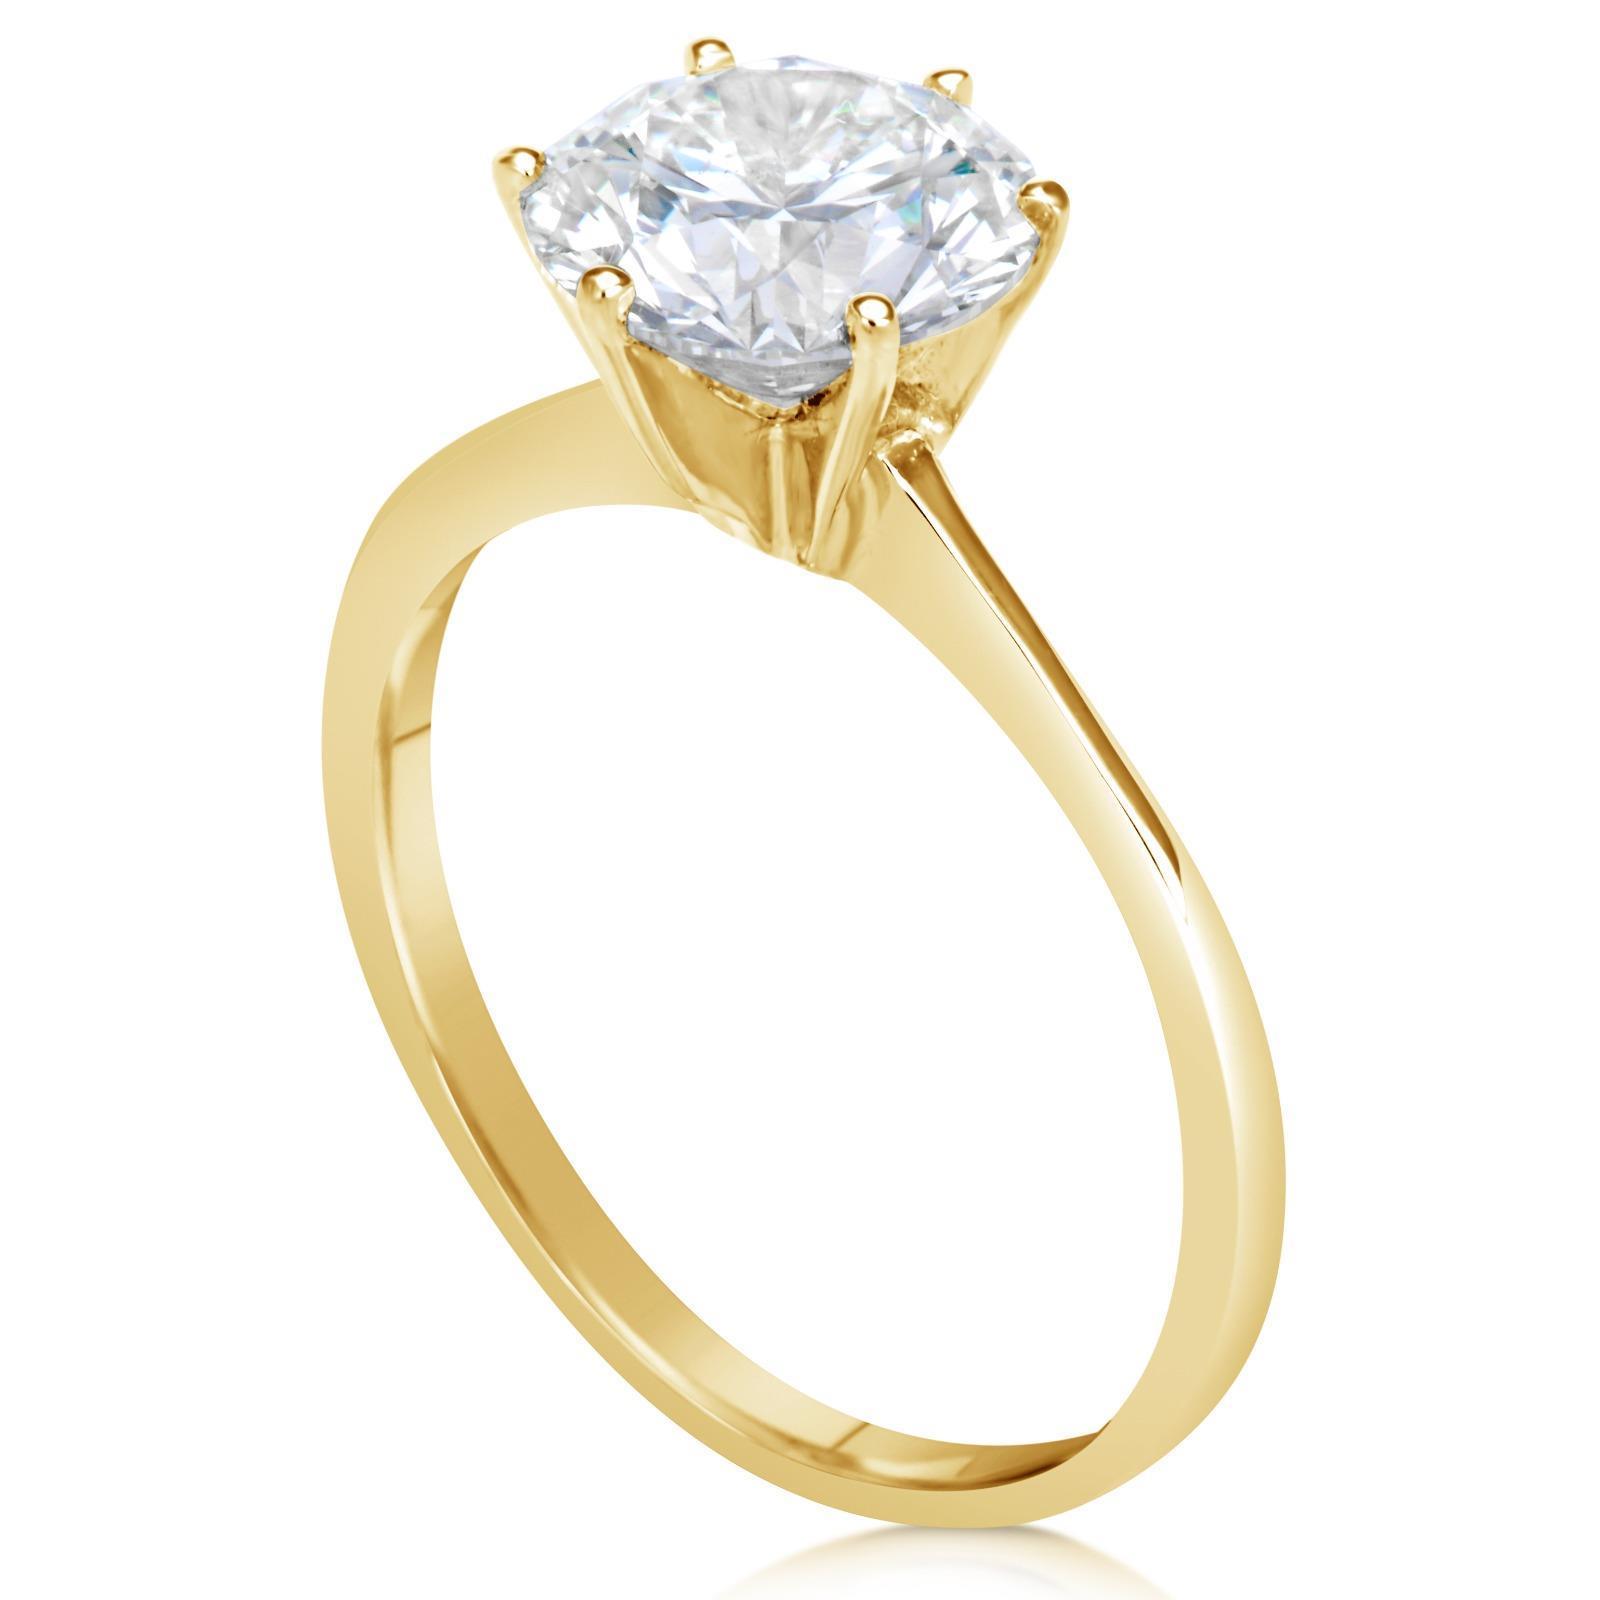 1.5 Ct Round Cut Diamond Engagement Ring VS-2/G 14K Yellow ...